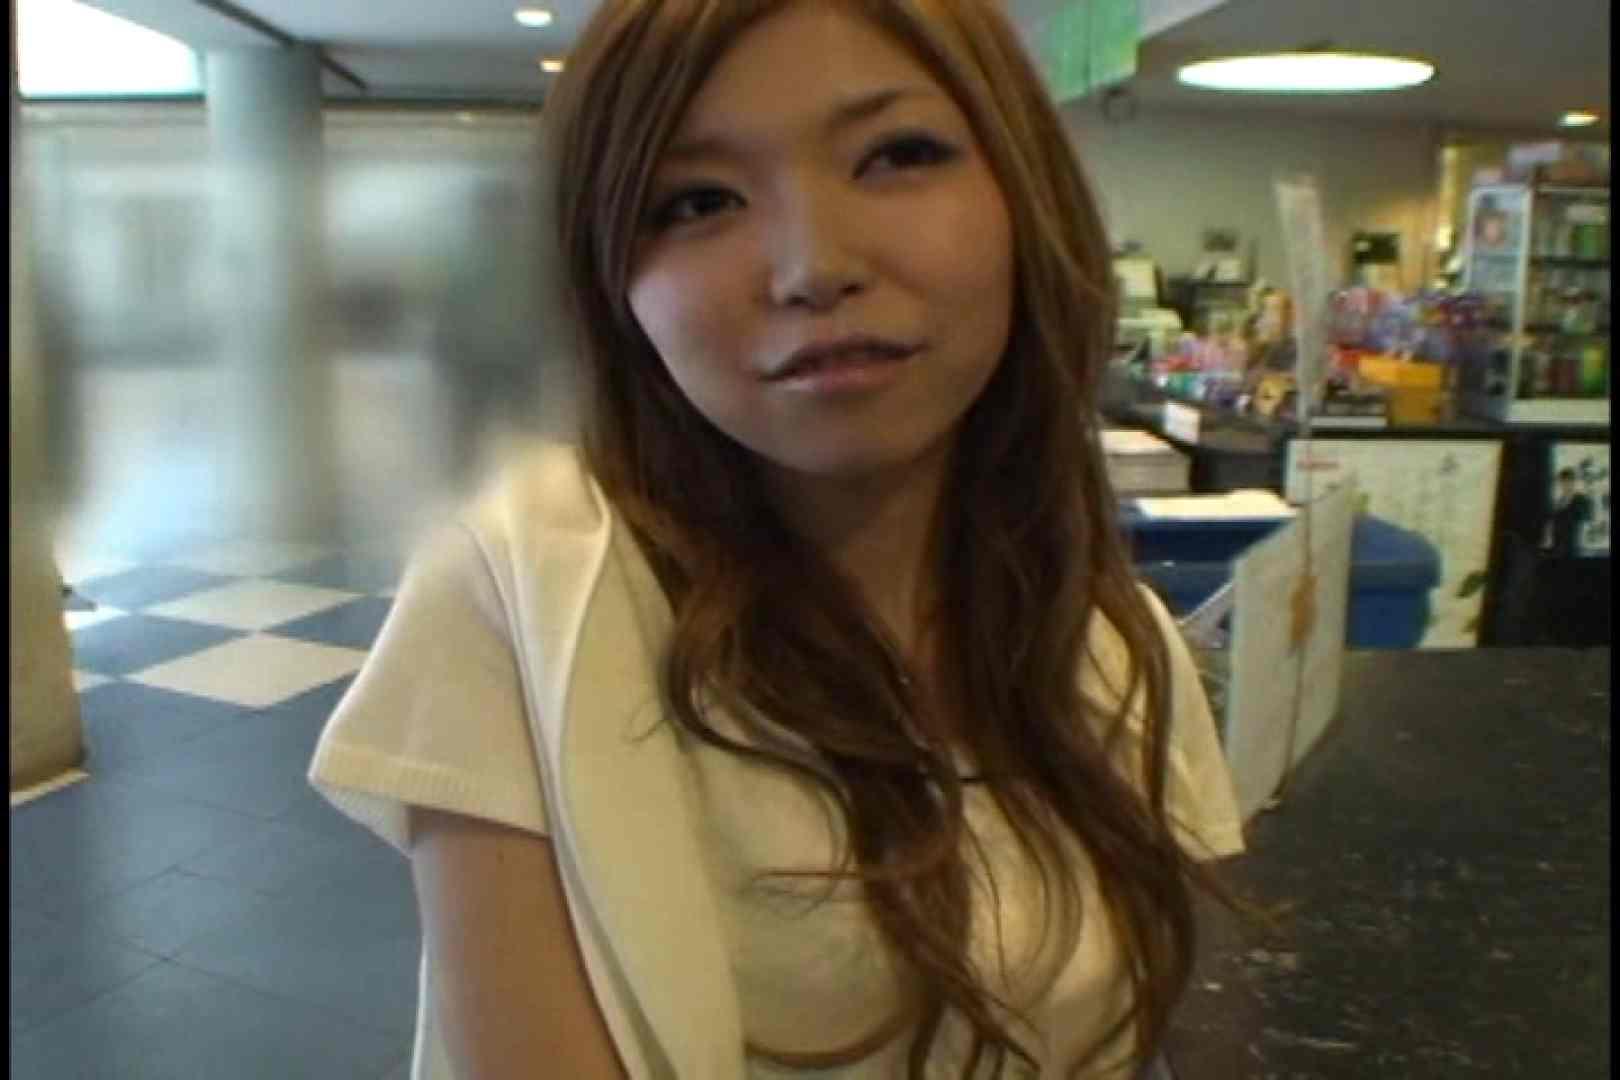 JDハンター全国ツアー vol.030 前編 いやらしい女子大生 おめこ無修正動画無料 50連発 11